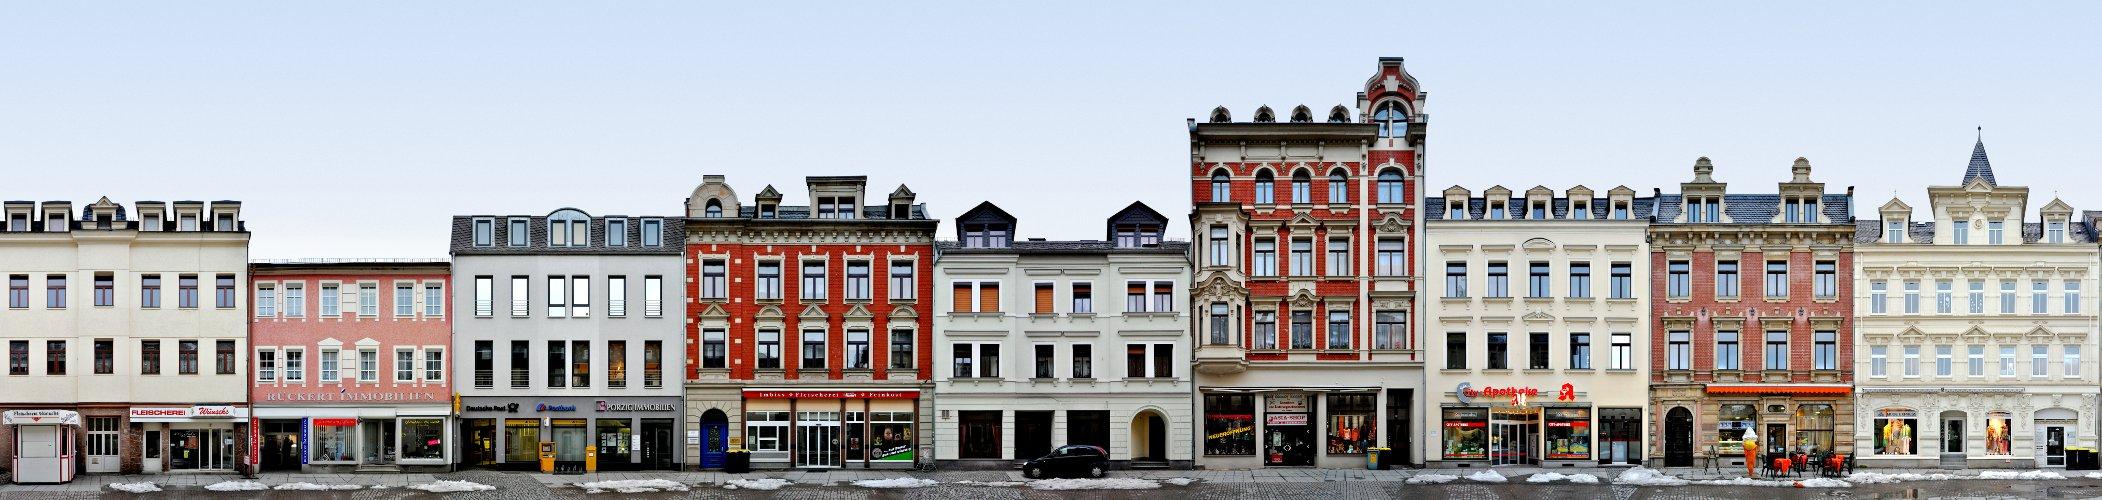 Crimmitschau Architektur Markt Fassade